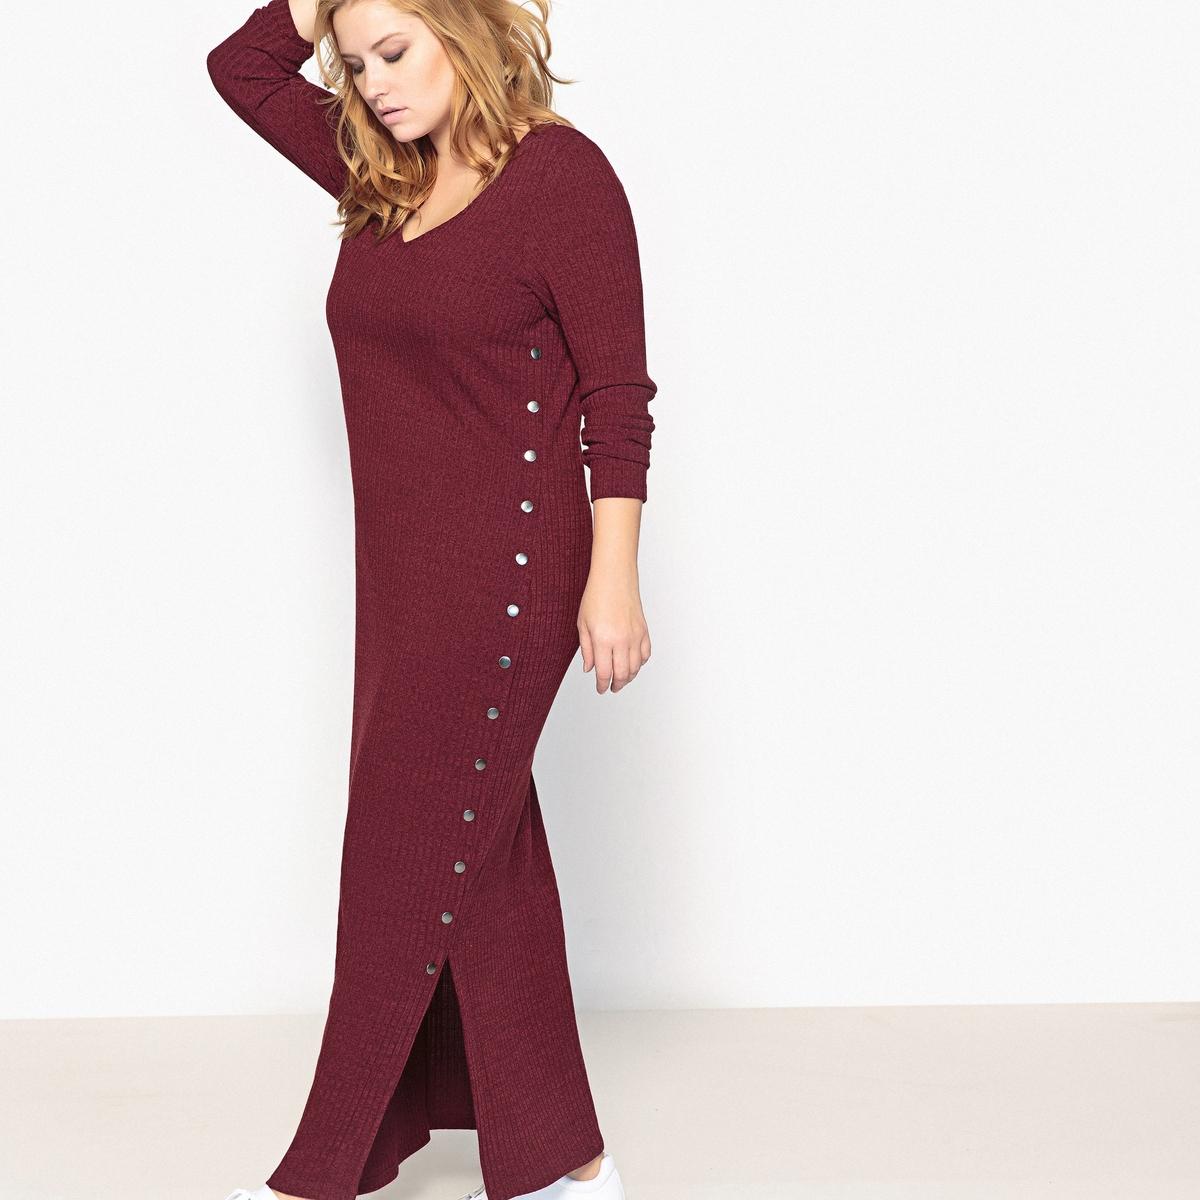 Платье длинное, с принтомОписаниеСтильное длинное платье-пуловер, которое подчеркнет ваши достоинства . Очень женственное длинное платье-пуловер станет быстро неотъемлимой частью вашего гардероба .Детали •  Форма : платье-пуловер •  Длина ниже колен •  Длинные рукава    •   V-образный вырезСостав и уход •  98% полиэстера, 2% эластана •  Tемпература стирки 30° на деликатном режиме •  Сухая чистка и отбеливатели запрещены •  Не использовать барабанную сушку •  Низкая температура глажкиТовар из коллекции больших размеров •  Длина : 133,8 см<br><br>Цвет: бордовый меланж<br>Размер: 42 (FR) - 48 (RUS).58 (FR) - 64 (RUS).56 (FR) - 62 (RUS).54 (FR) - 60 (RUS).52 (FR) - 58 (RUS).48 (FR) - 54 (RUS).46 (FR) - 52 (RUS)